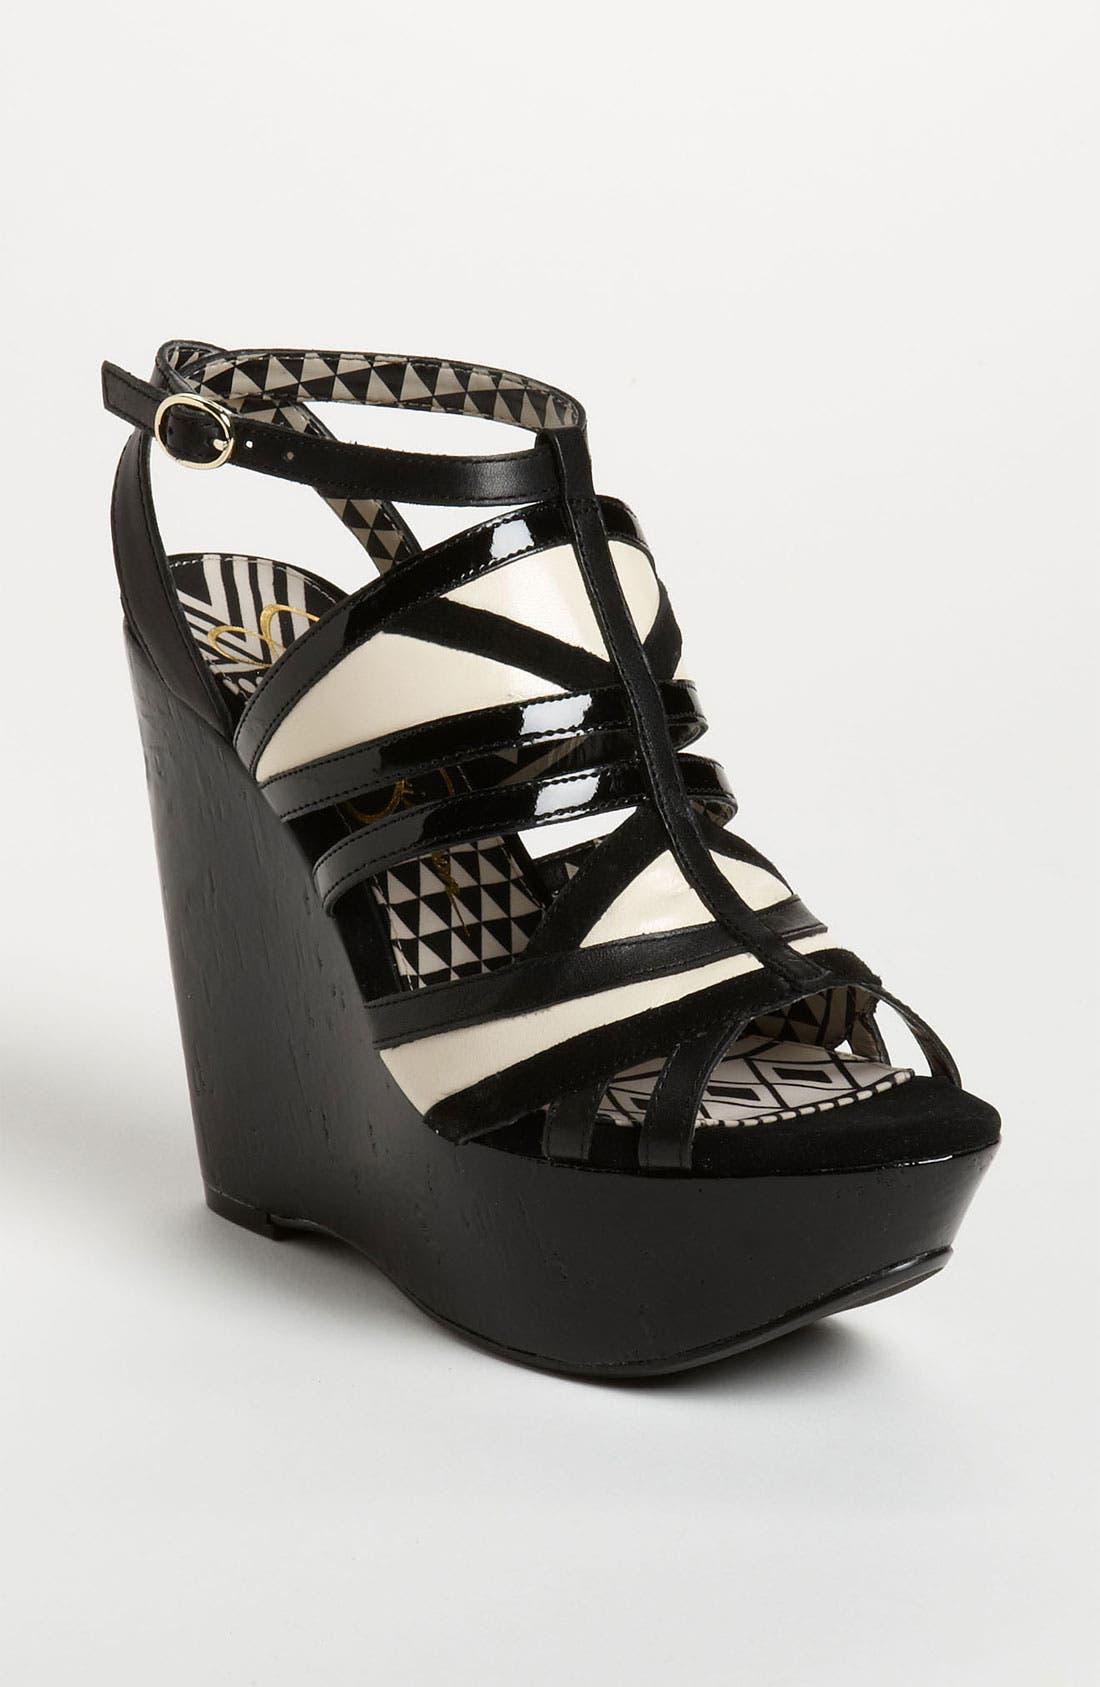 Main Image - Jessica Simpson 'Krisella' Sandal